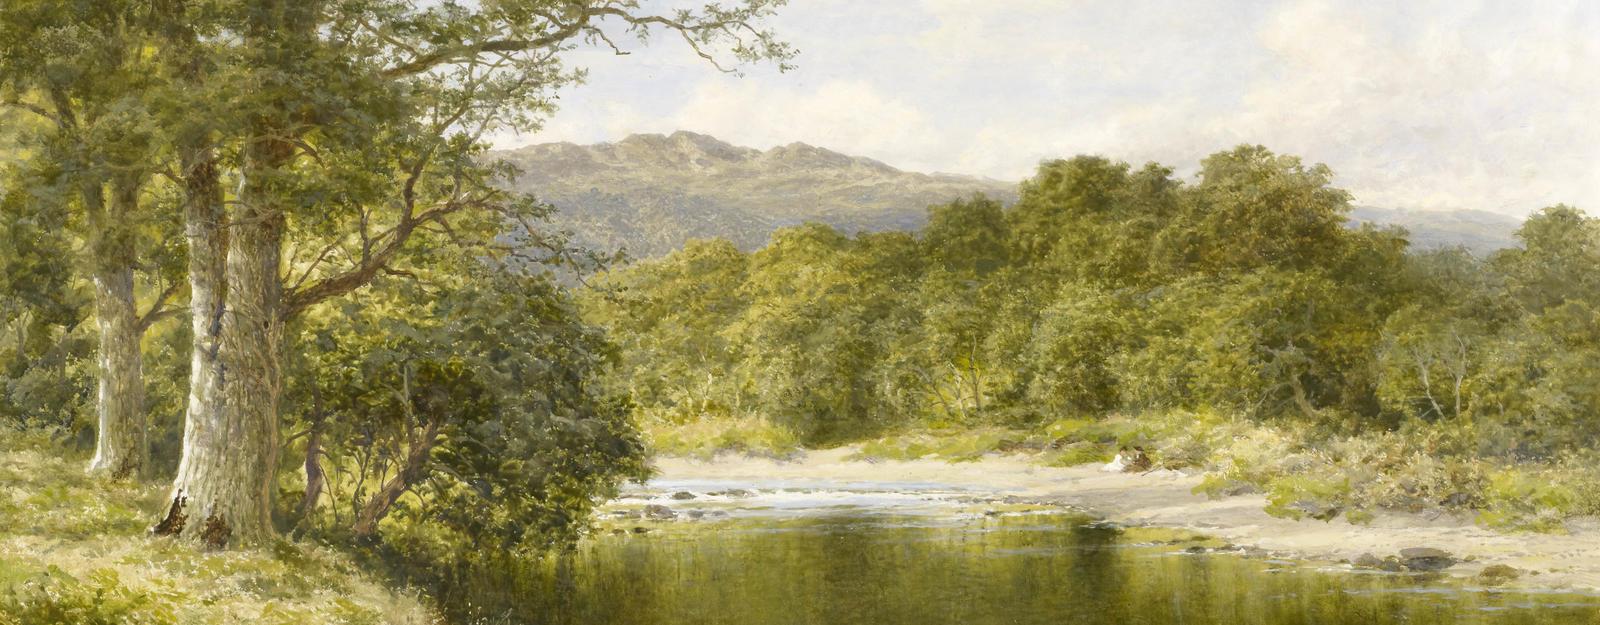 The River Llugwy near Bettws-y-Coed